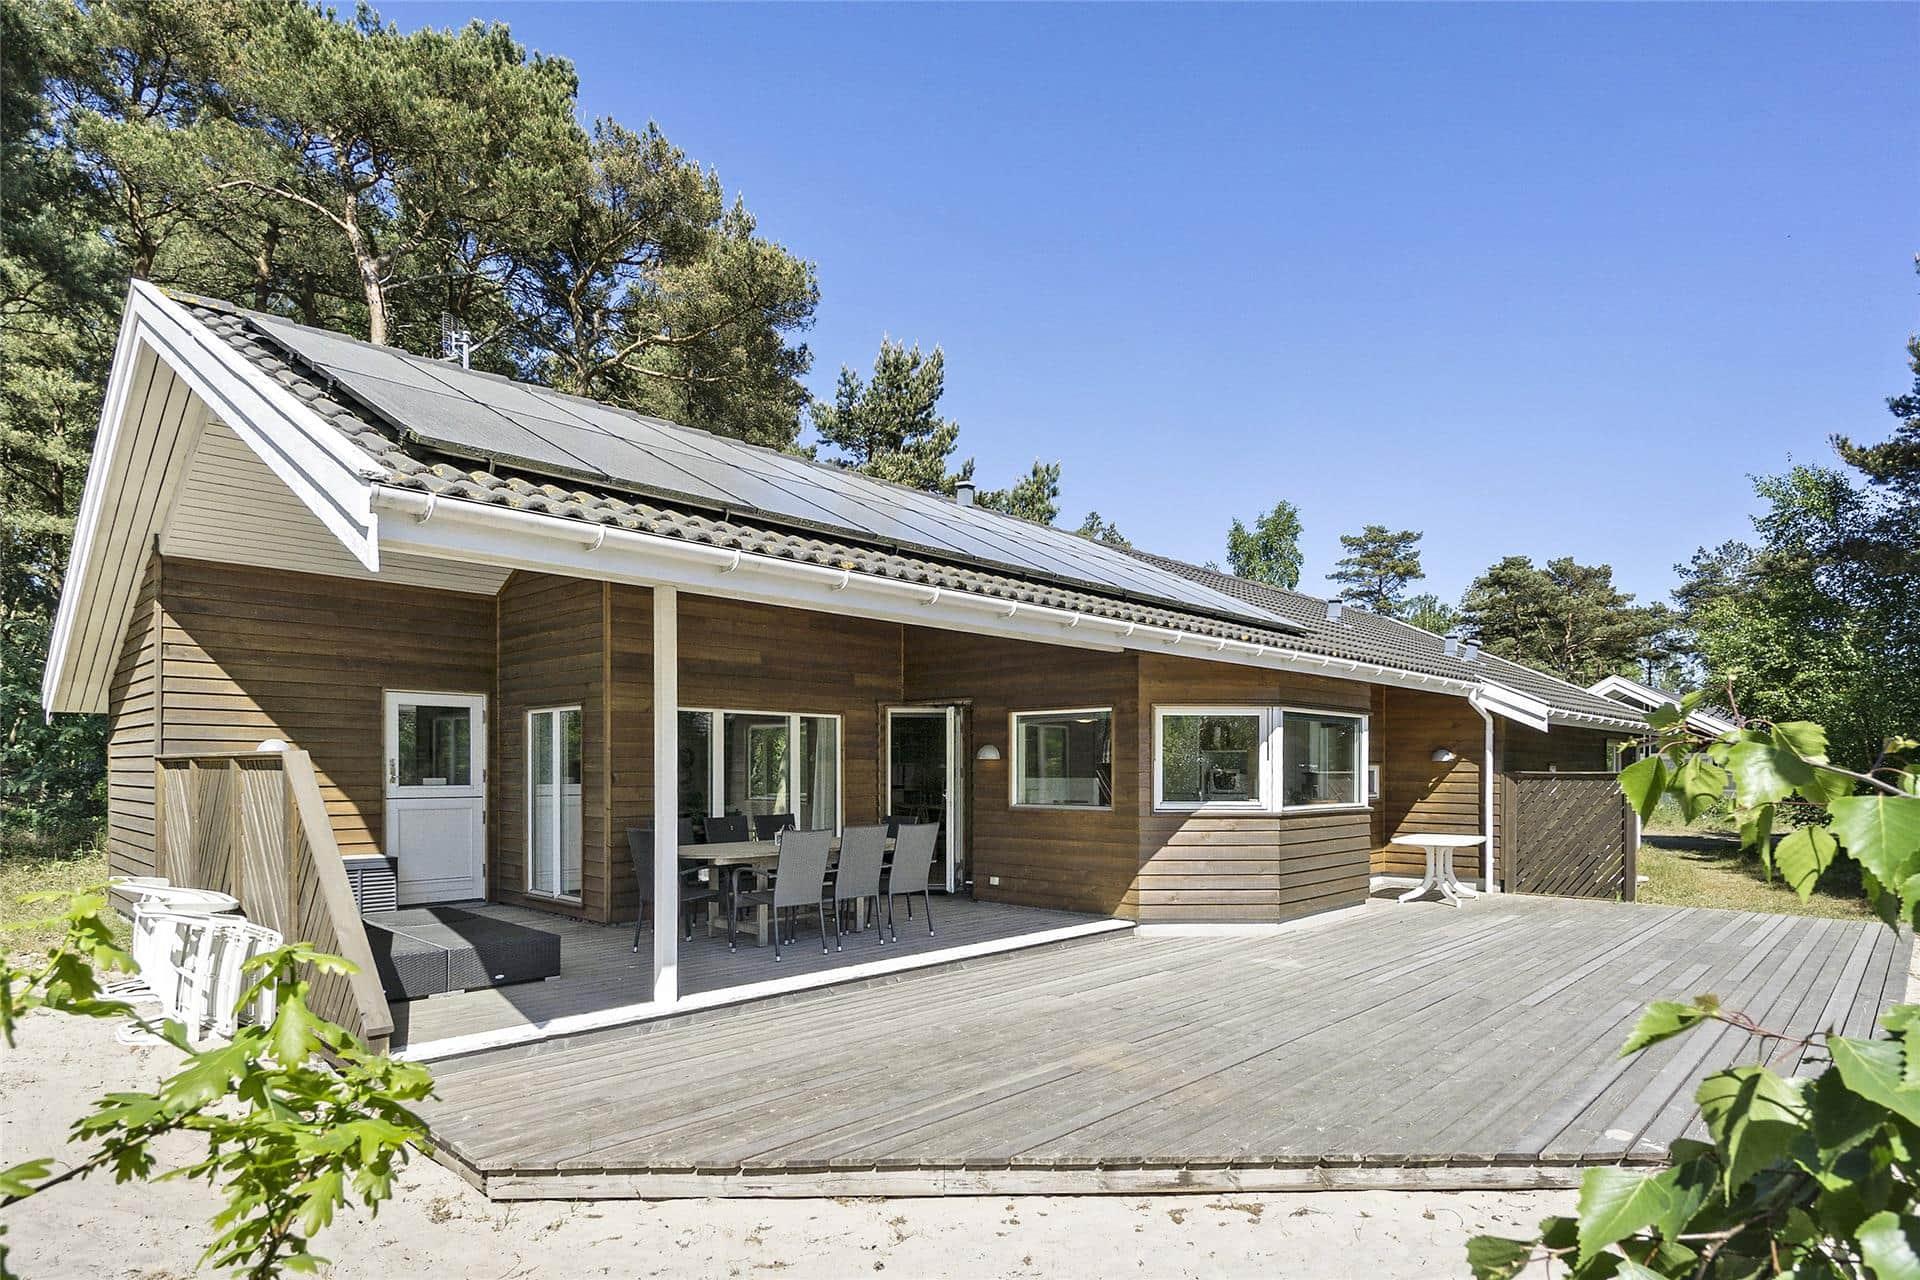 Bild 1-10 Ferienhaus 1457, Holsteroddevej 14, DK - 3720 Aakirkeby